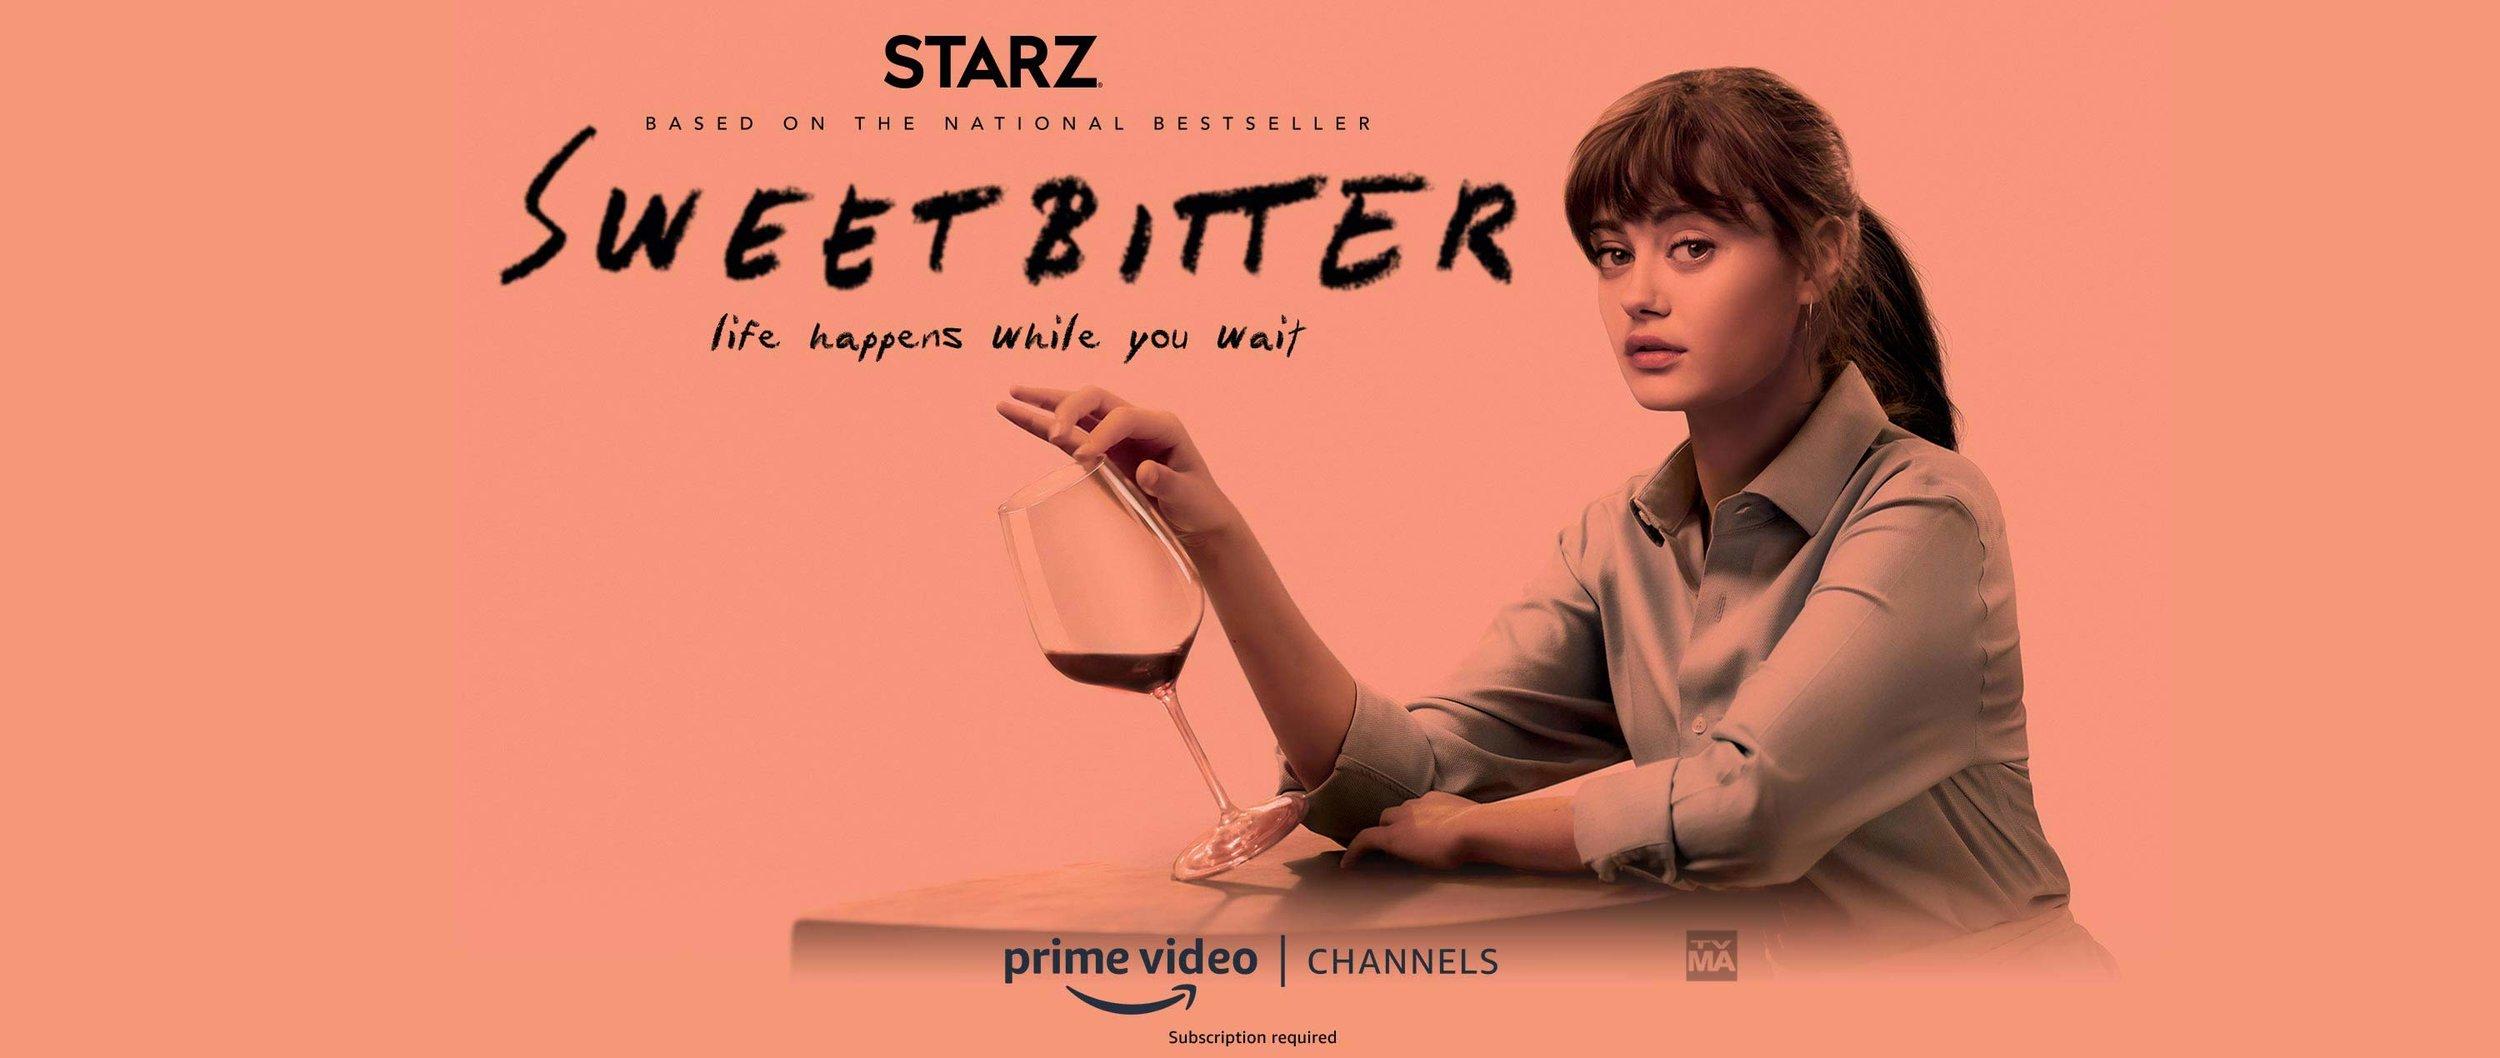 Sweetbitter-banner.jpg